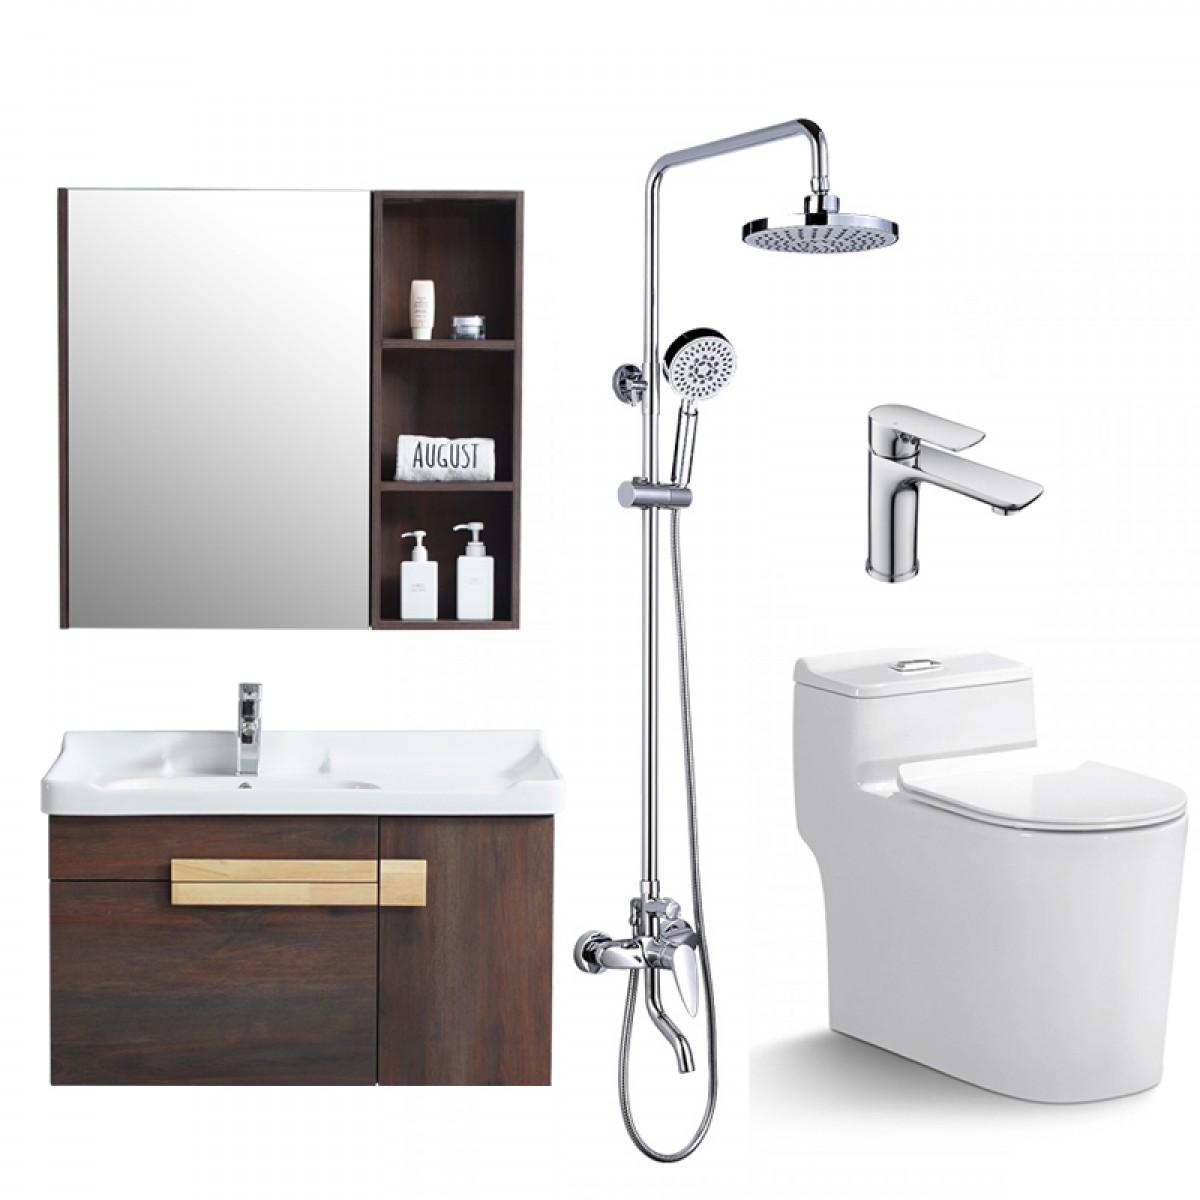 陶的卫浴 实木浴室柜四件套(浴室柜TD-68003TZ+坐便器TD-8807+花洒TD-SD1161+龙头TD-TWN1101)